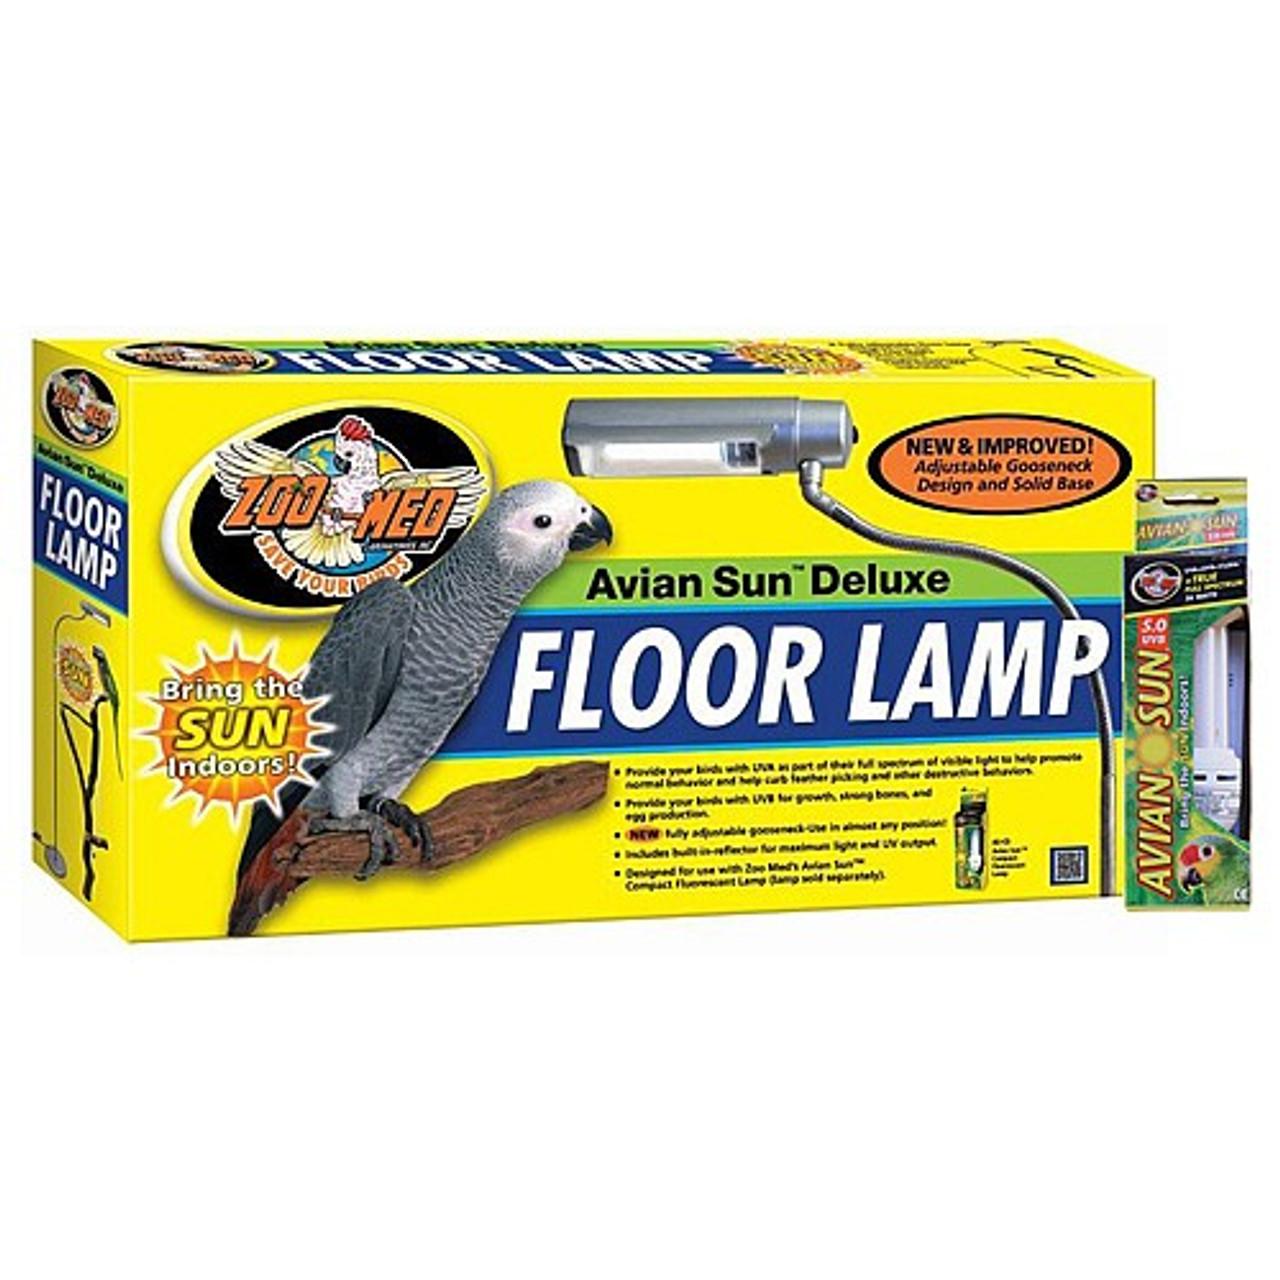 Avian Sun Floor Lamp Starter Kit